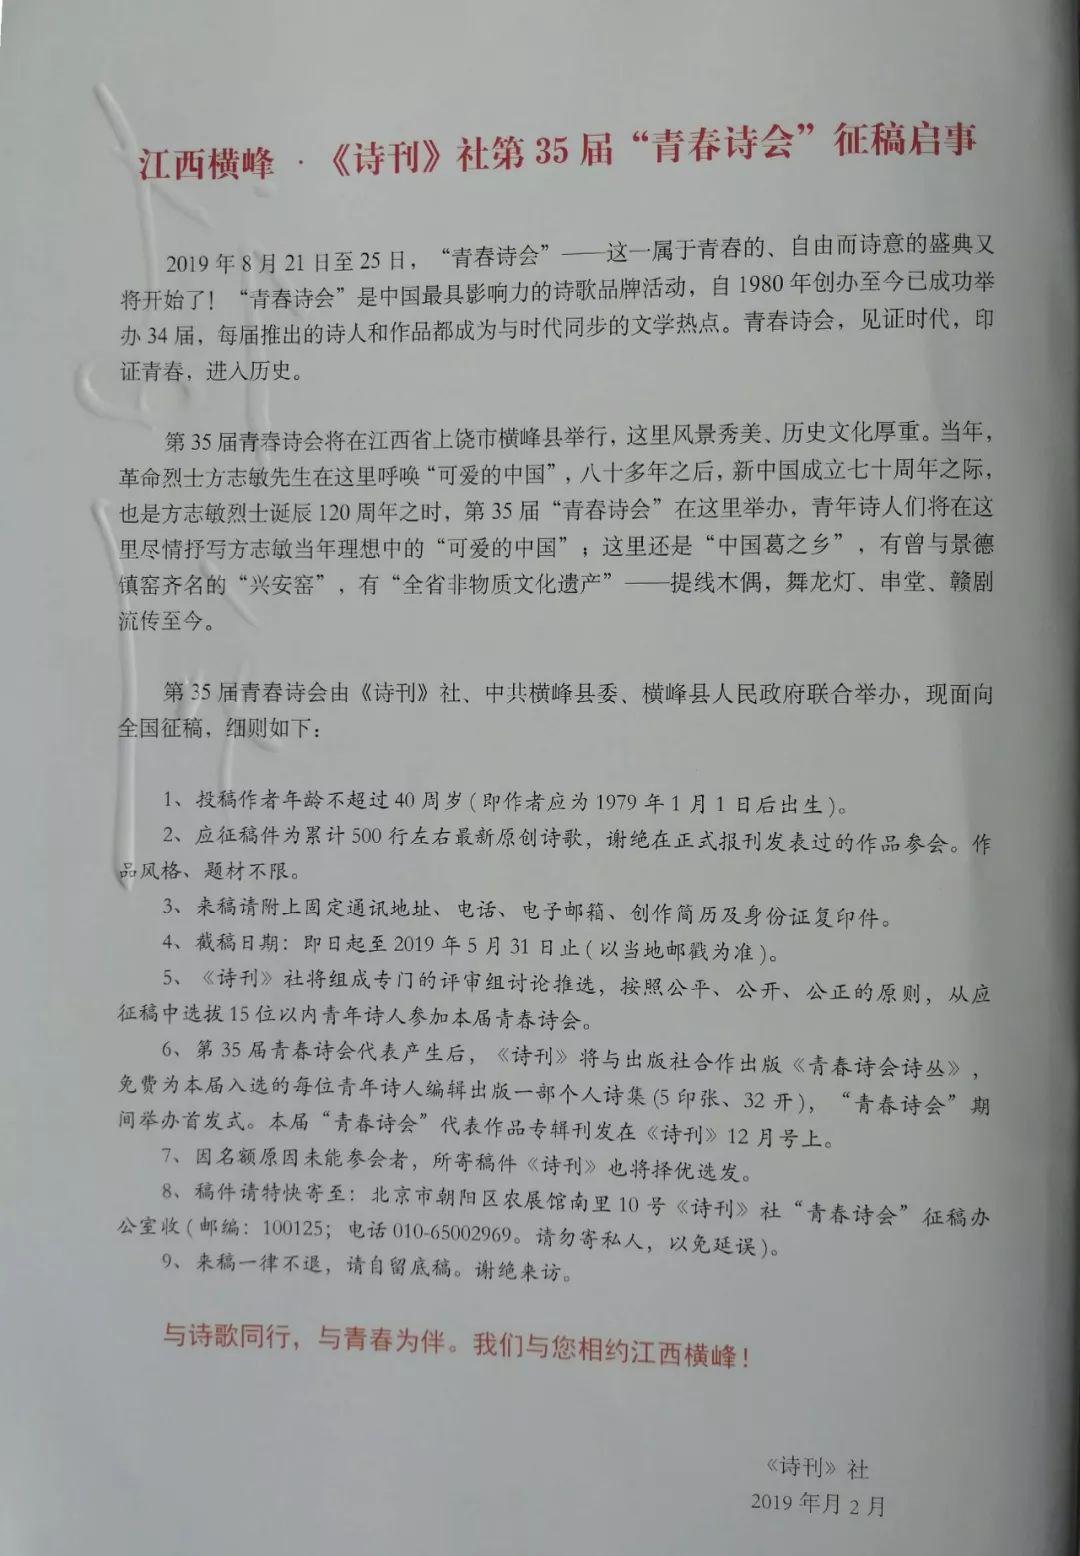 """漆宇勤入选《诗刊》社第35届""""青春诗会"""""""